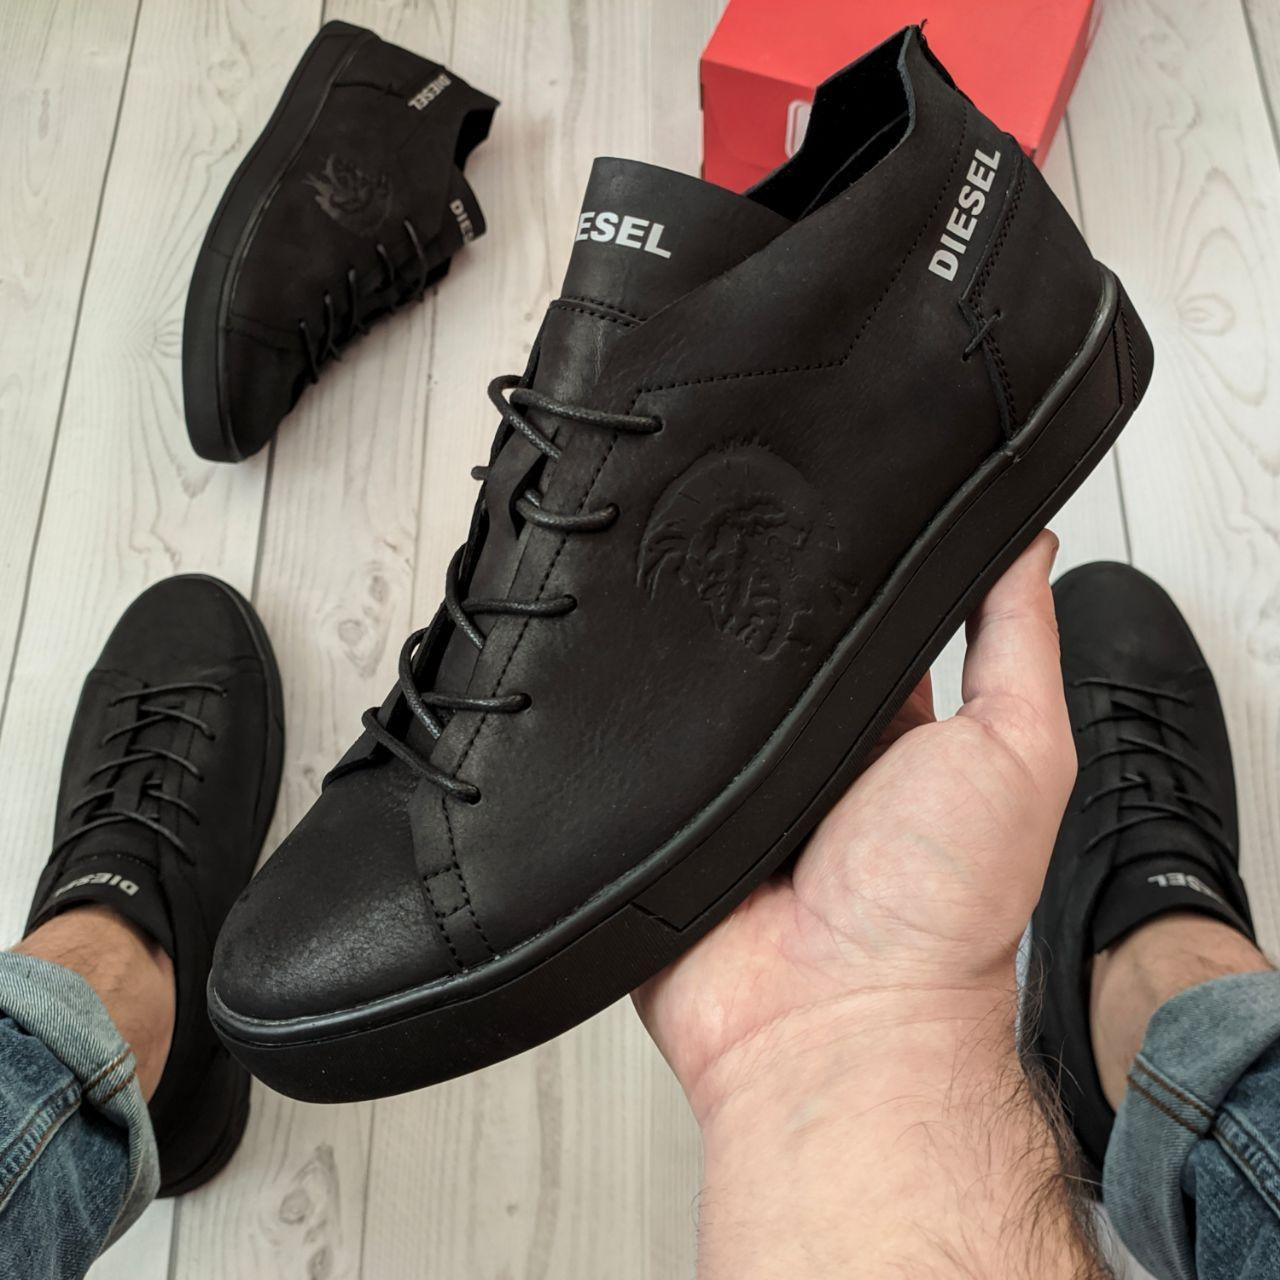 Кеды мужские Diesel черные. Стильные мужские кожаные кеды / кроссовки Дизель черного цвета.